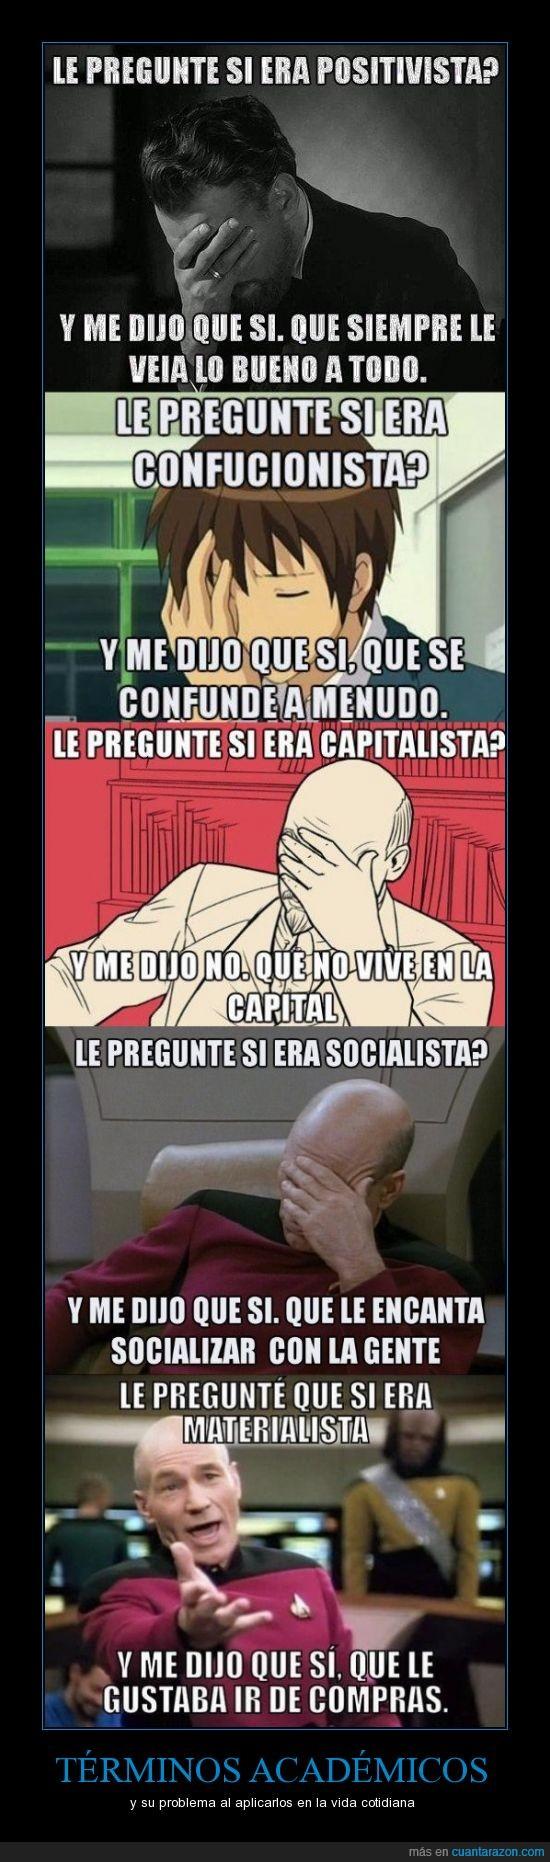 académicos,capitalismo,corrientes de pensamiento,mal interpretados,positivismo,socialismo,vida cotidiana